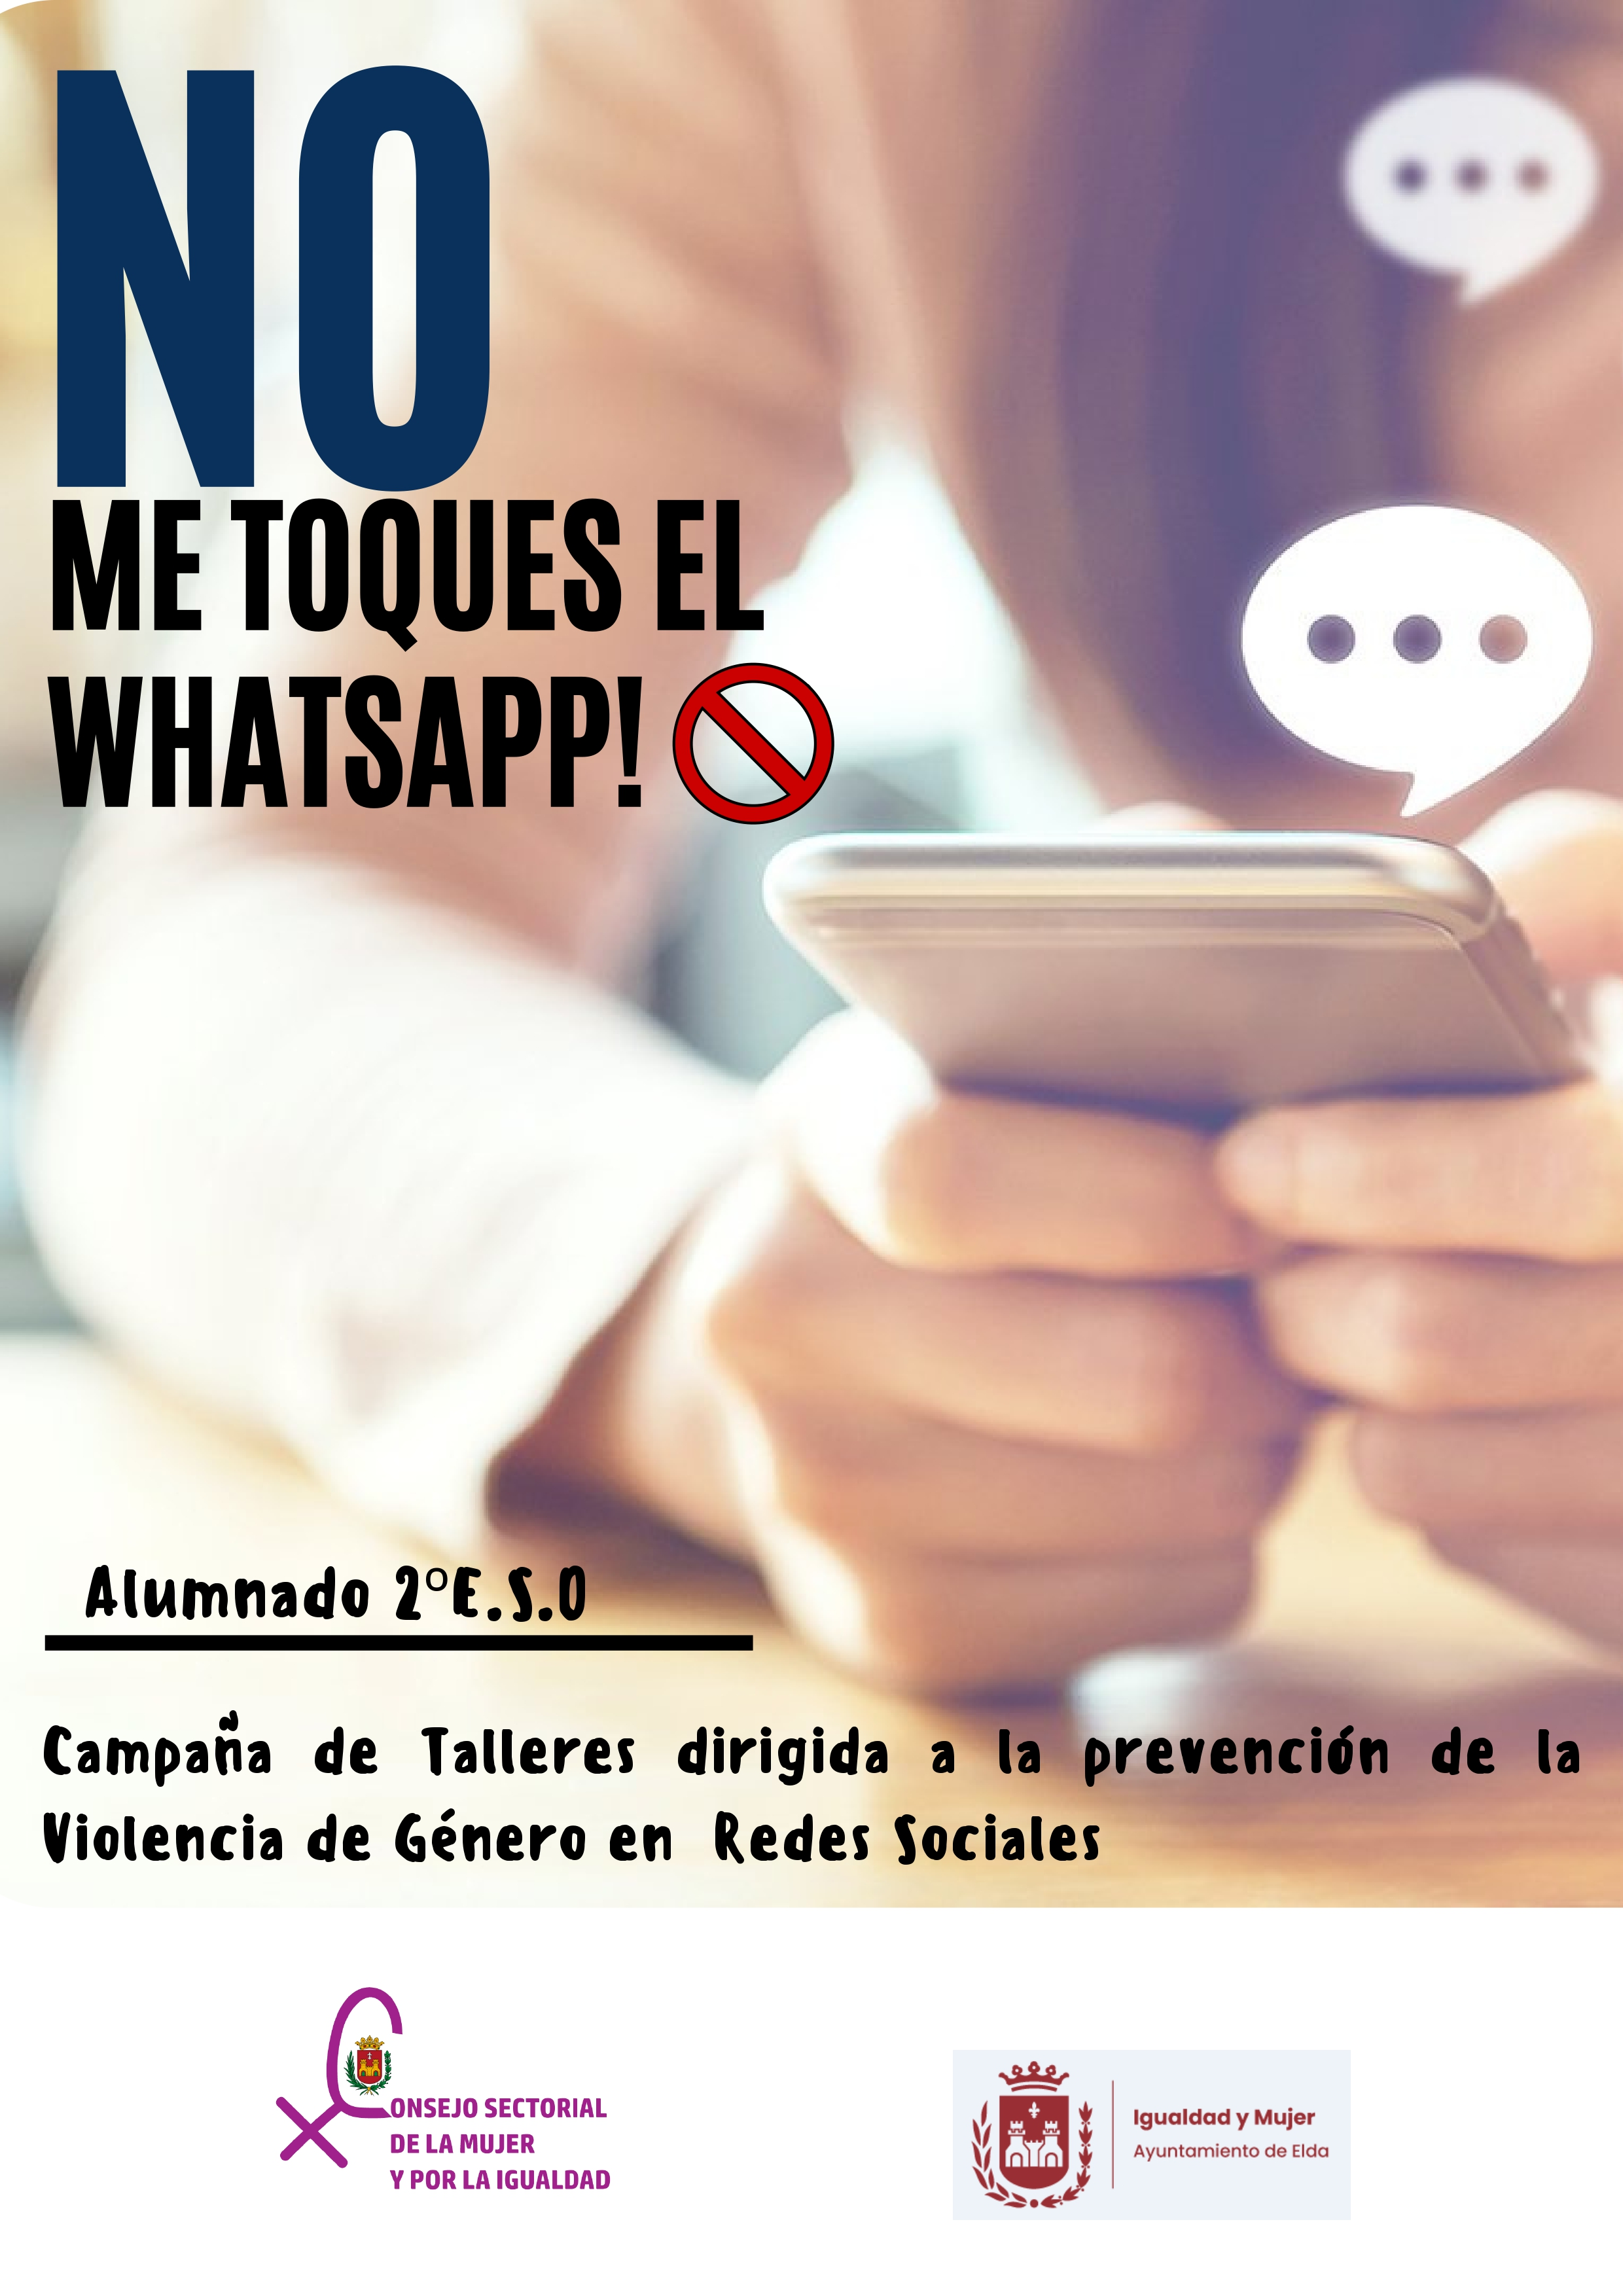 Igualdad organiza la campaña 'No me toques el Whatsapp' en centros educativos de Elda para prevenir la violencia de género en redes sociales